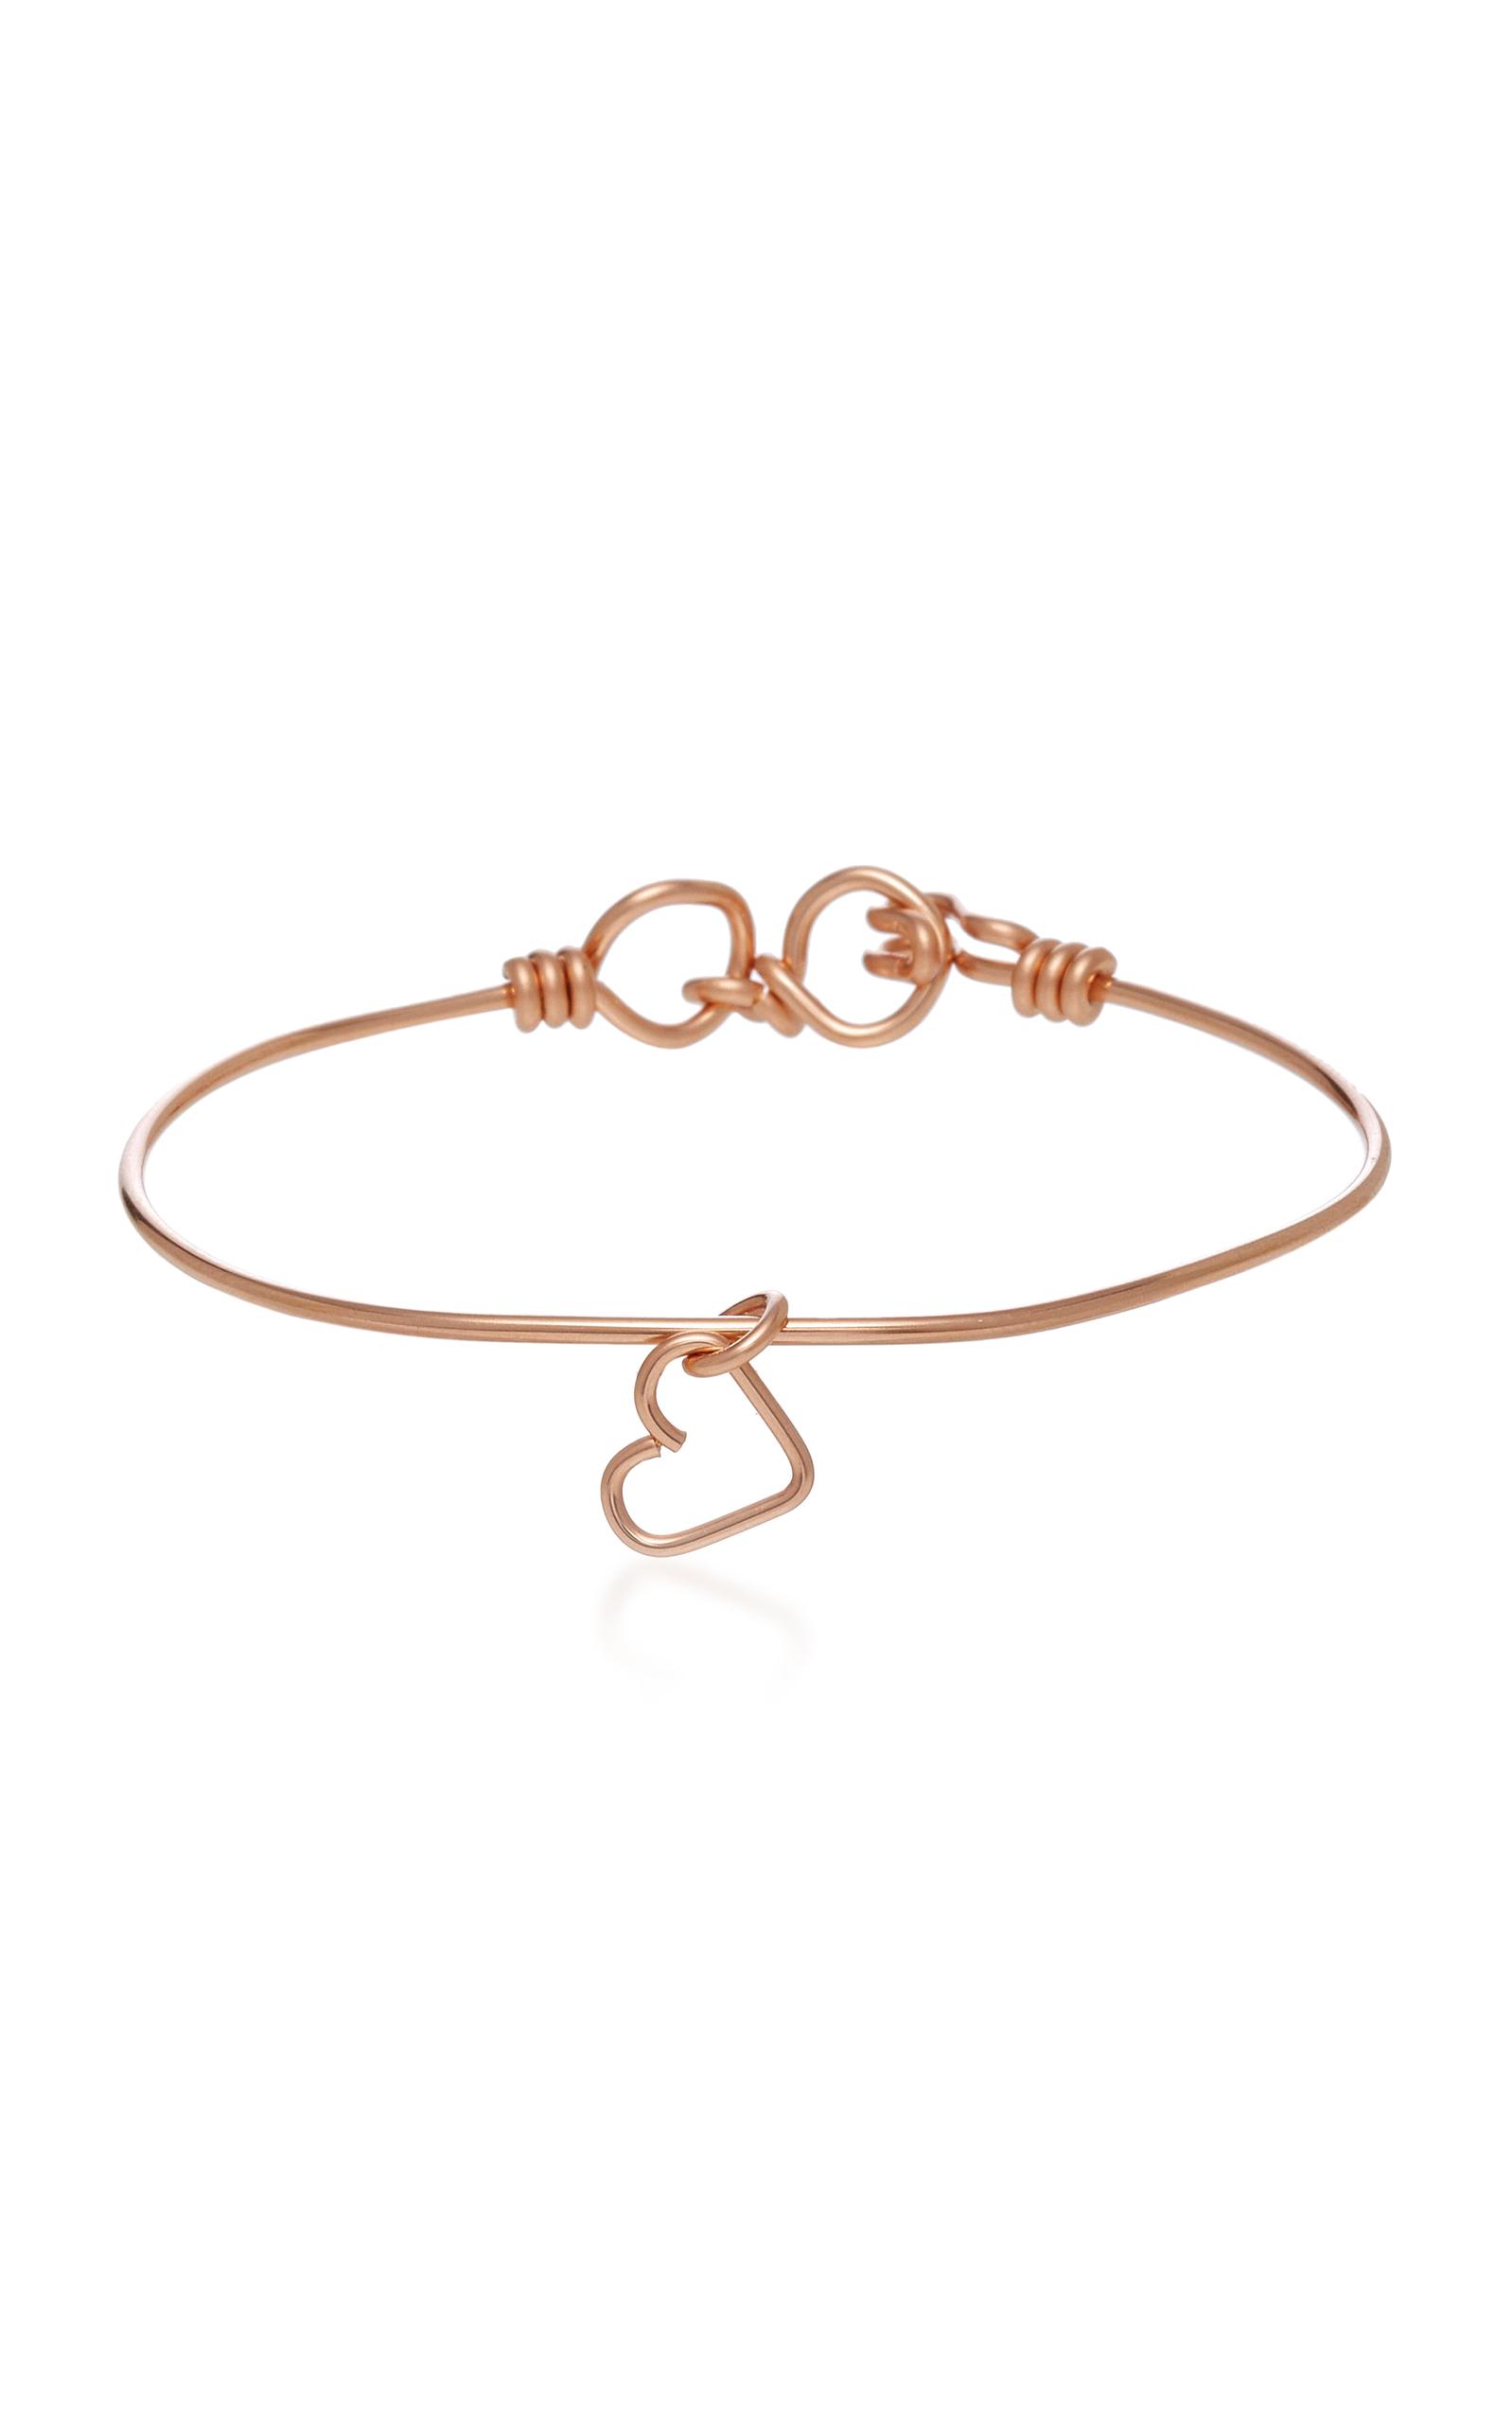 Atelier Paulin Nude 14K Rose Gold Heart Charm Bracelet HWP2g7